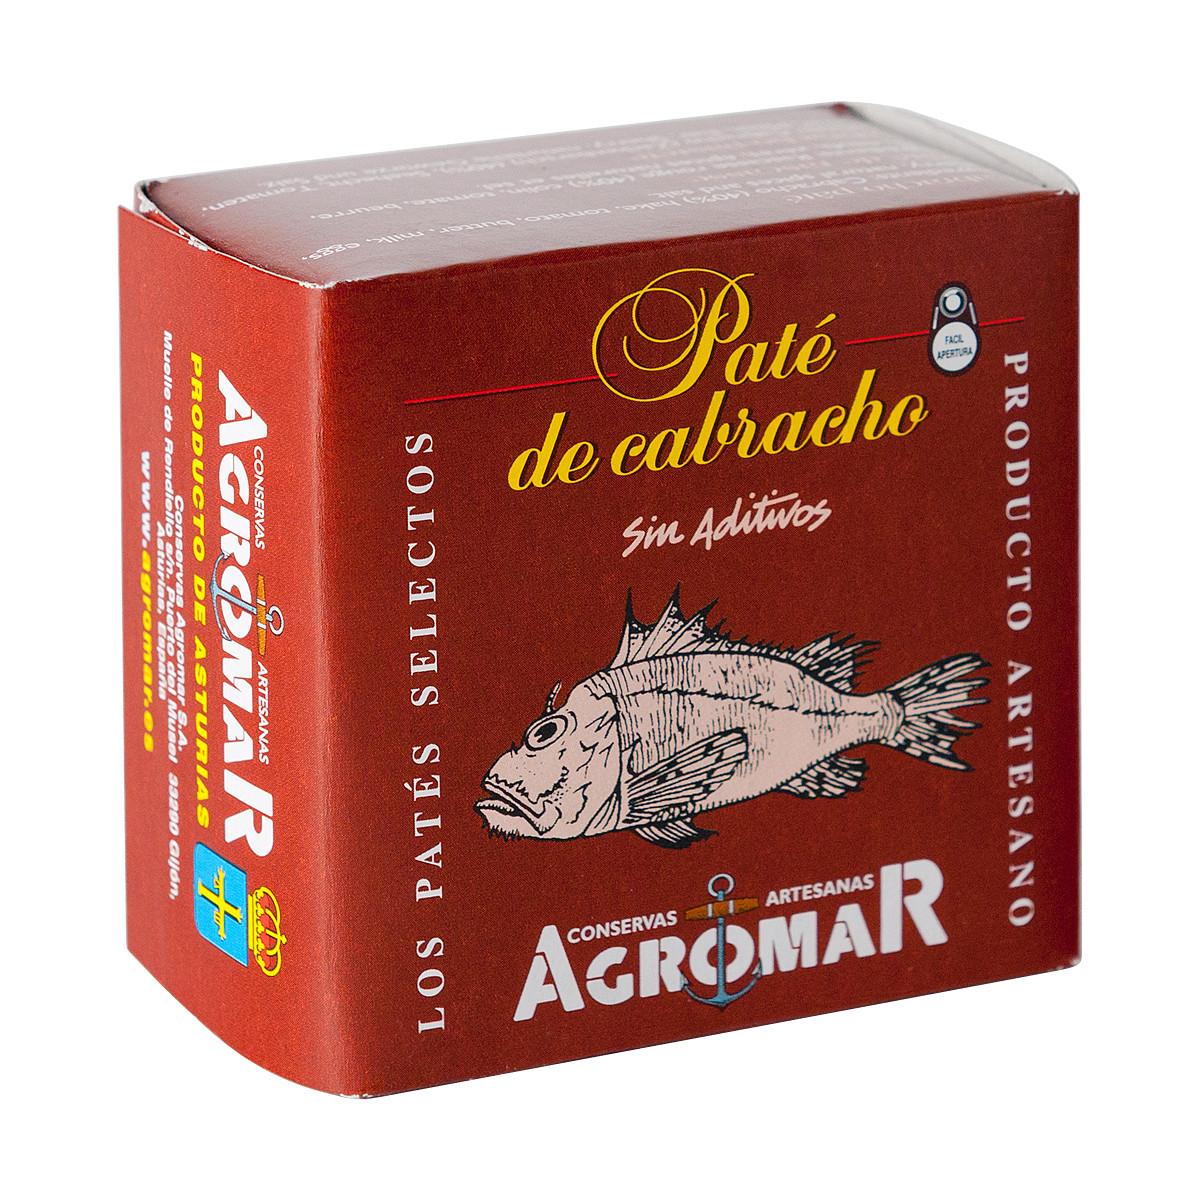 Agromar Paté de Cabracho (Zackenbarsch-Pastete) 100g